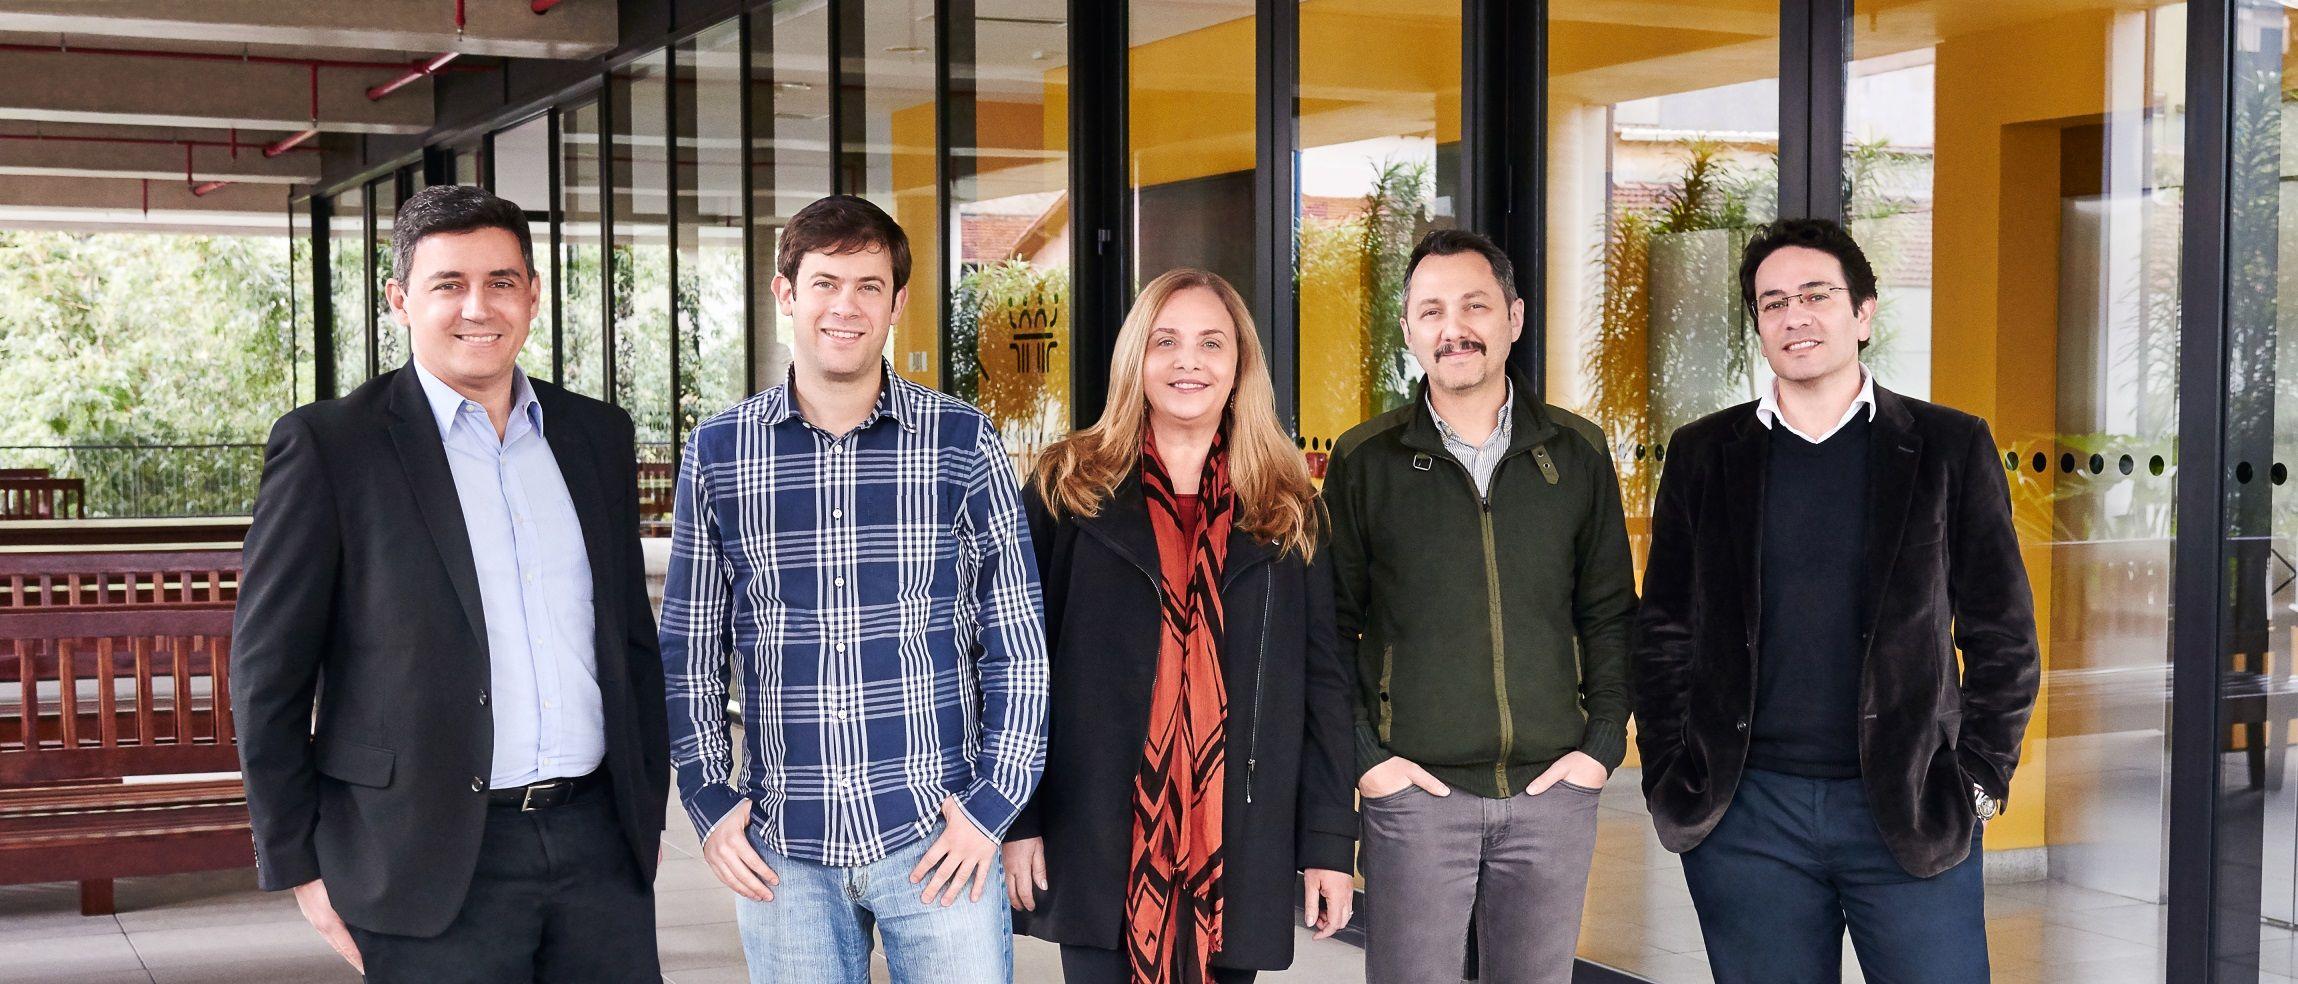 Alexandre Cury, Roberto Grosman, Claudia Canazza, Fabio Astolpho e Odair Dedicação Jr.